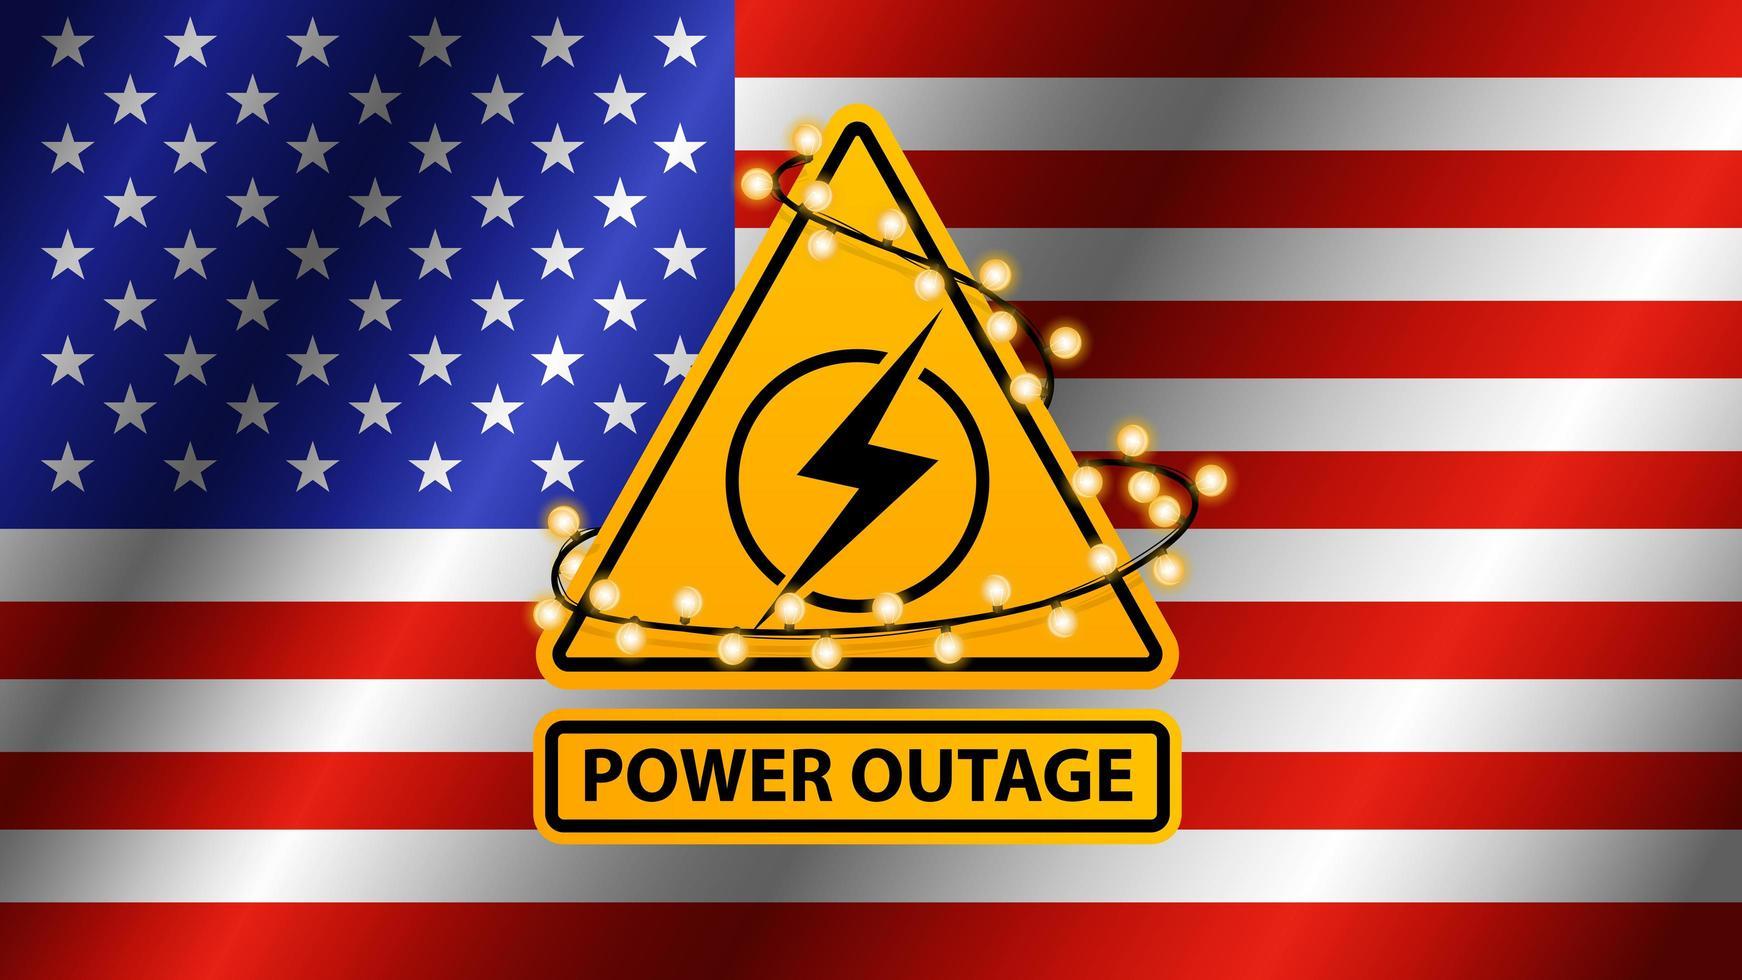 interruzione di corrente, segnale di avvertimento giallo avvolto con una ghirlanda sullo sfondo della bandiera degli Stati Uniti vettore